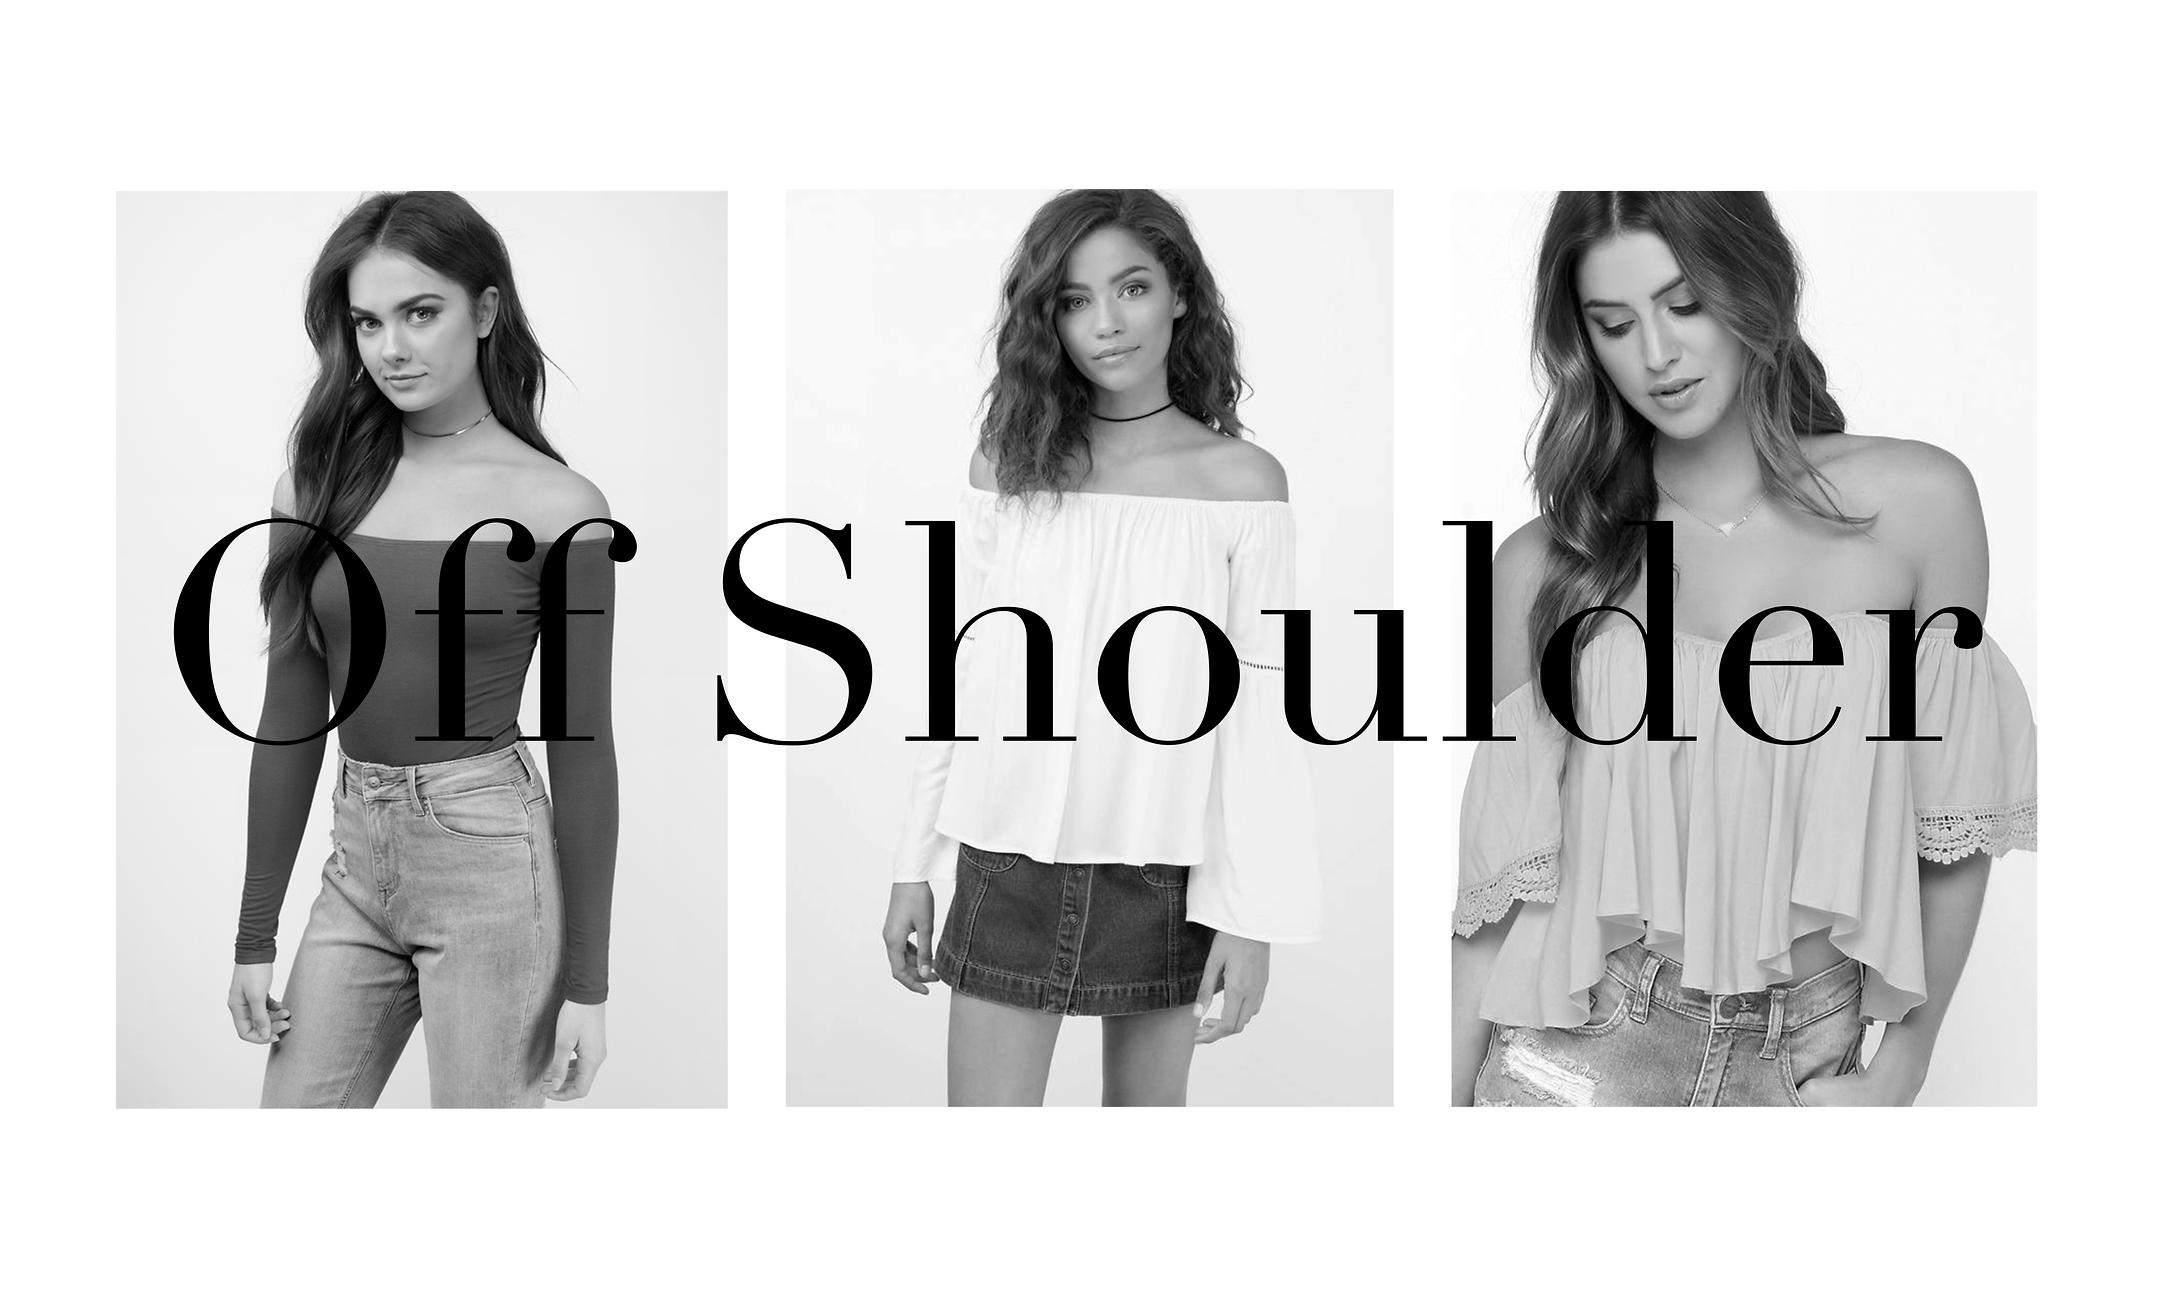 H&M : Off Shoulder